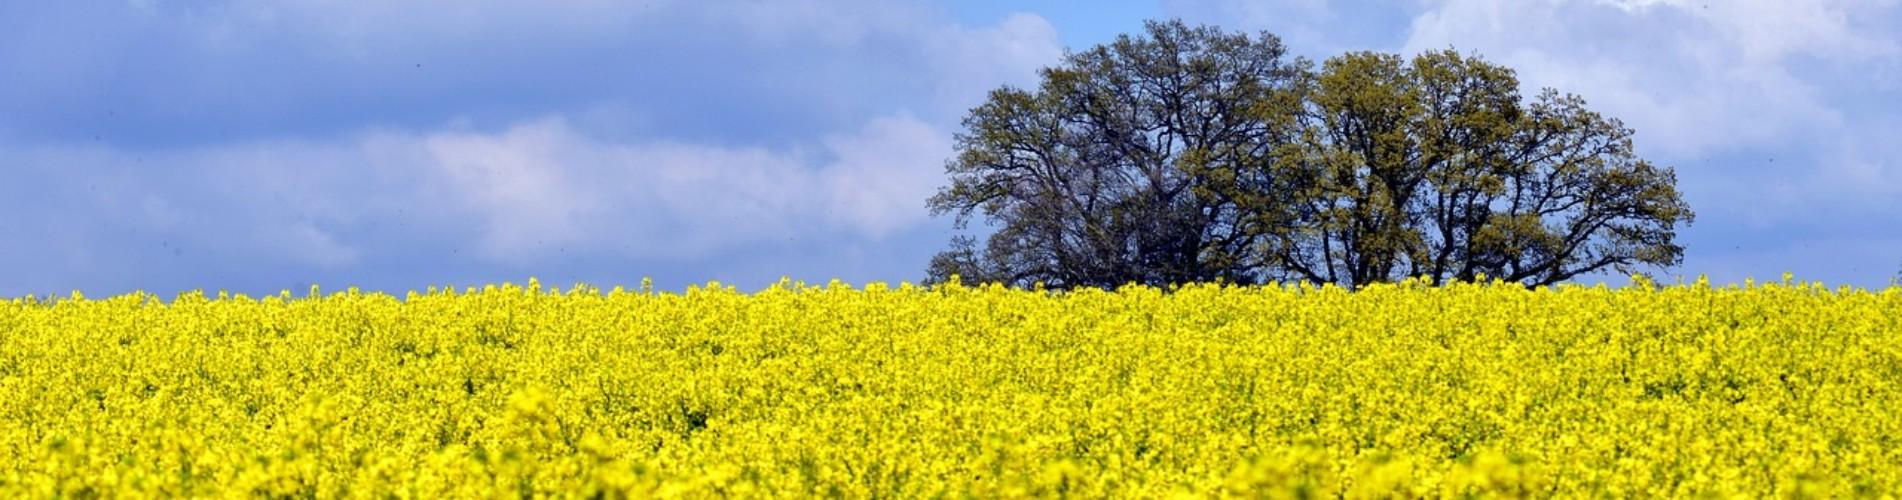 Endlich Frühling..... - Zeit für Faltmarkise.de